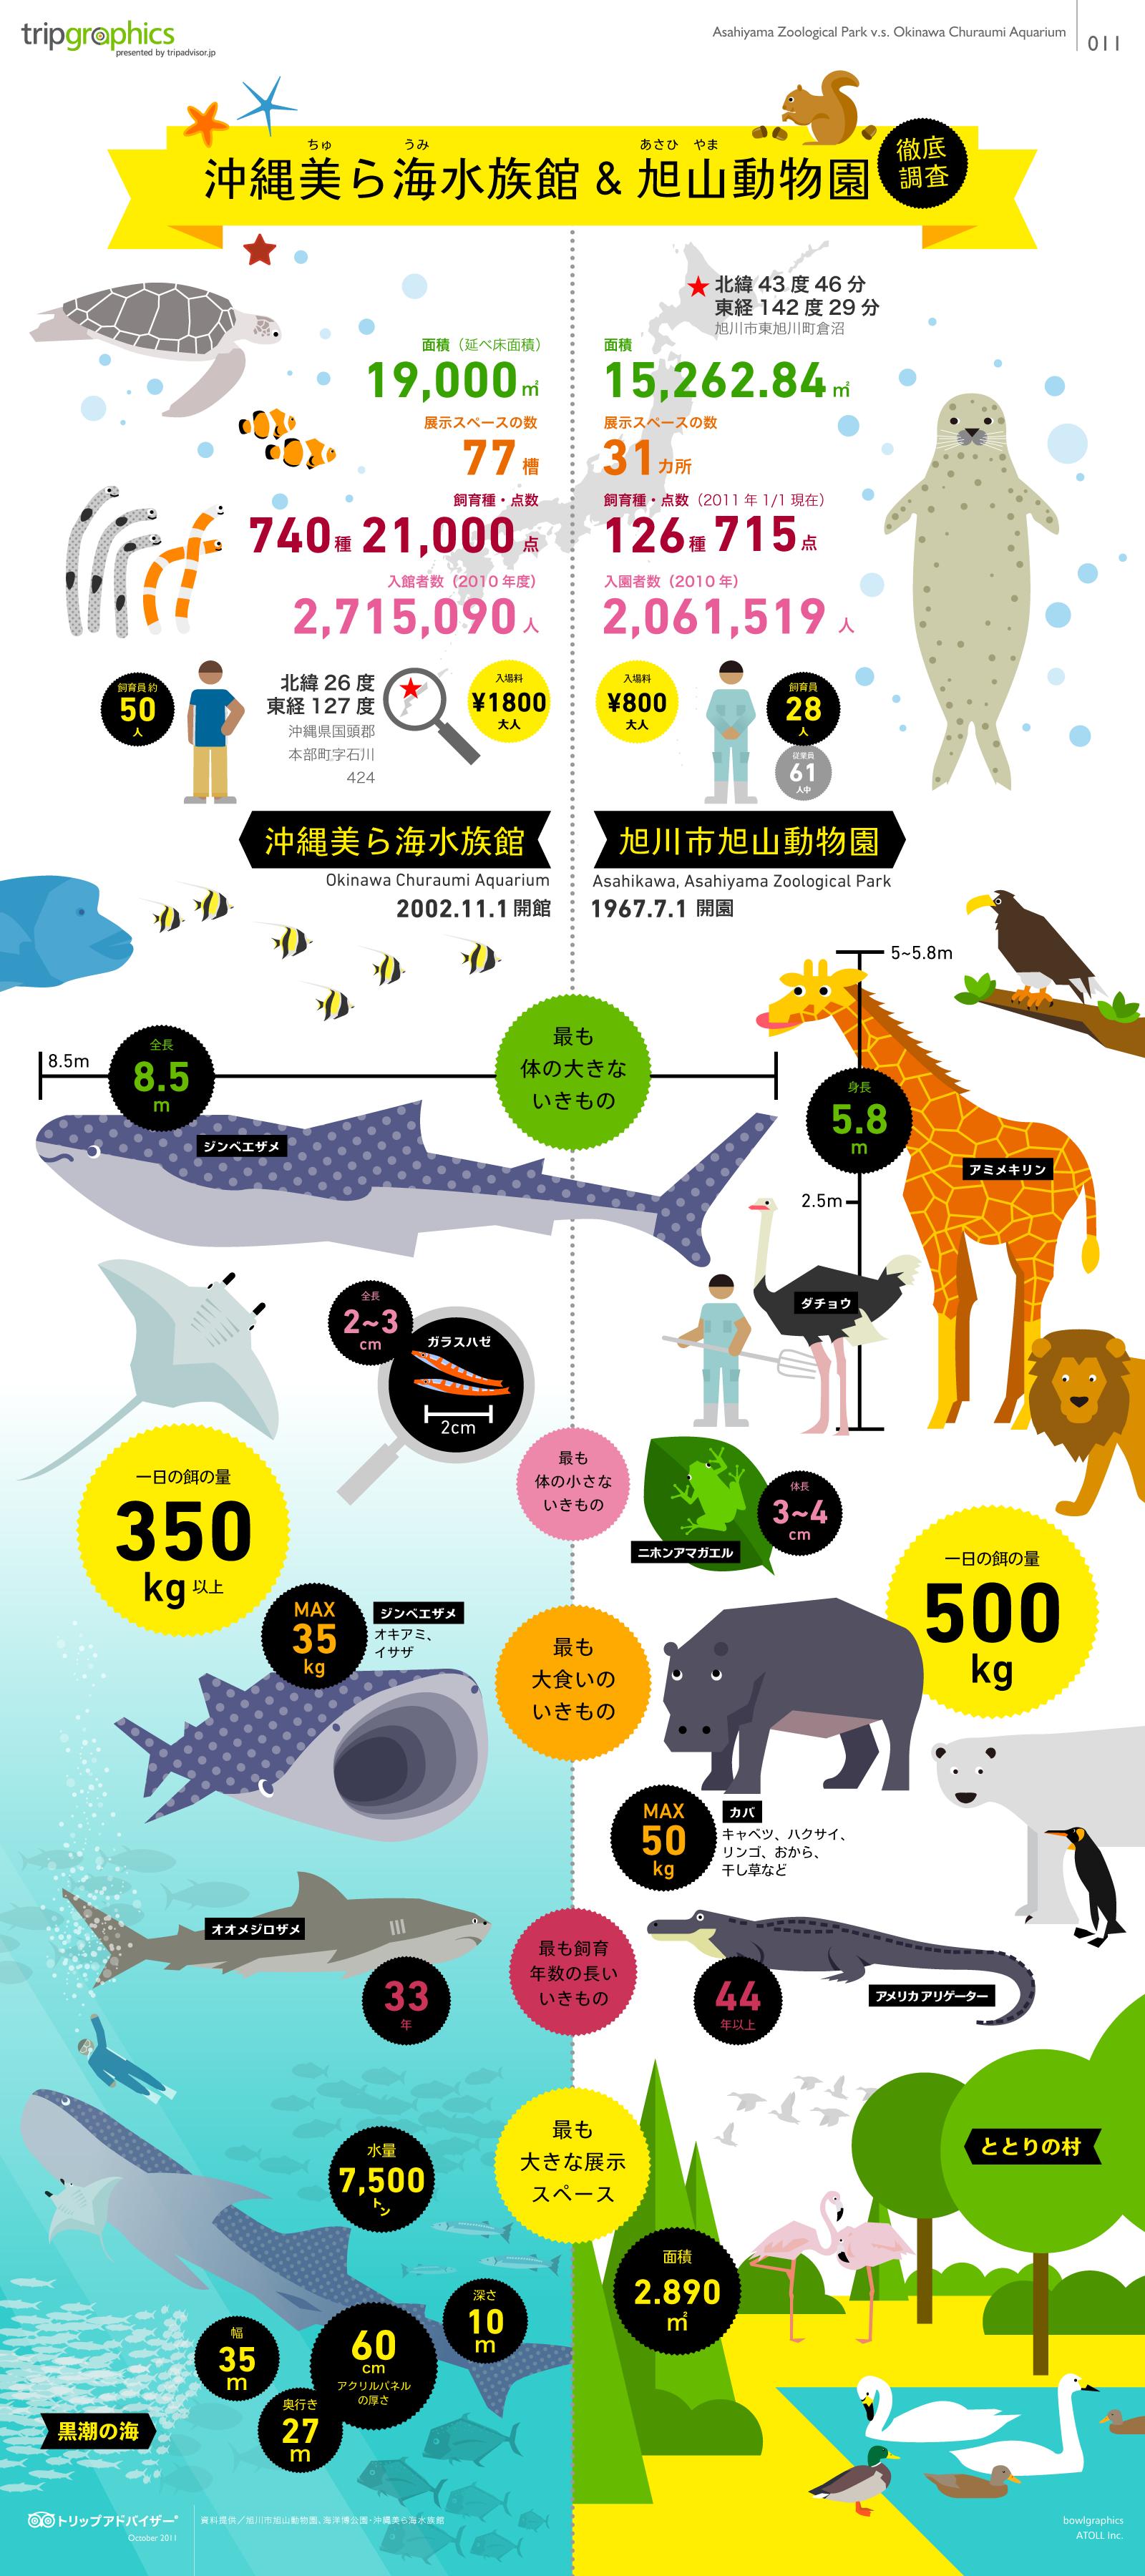 インフォグラフィック:西の沖縄美ら海水族館、東の旭山動物園。東西人気No.1は大満足